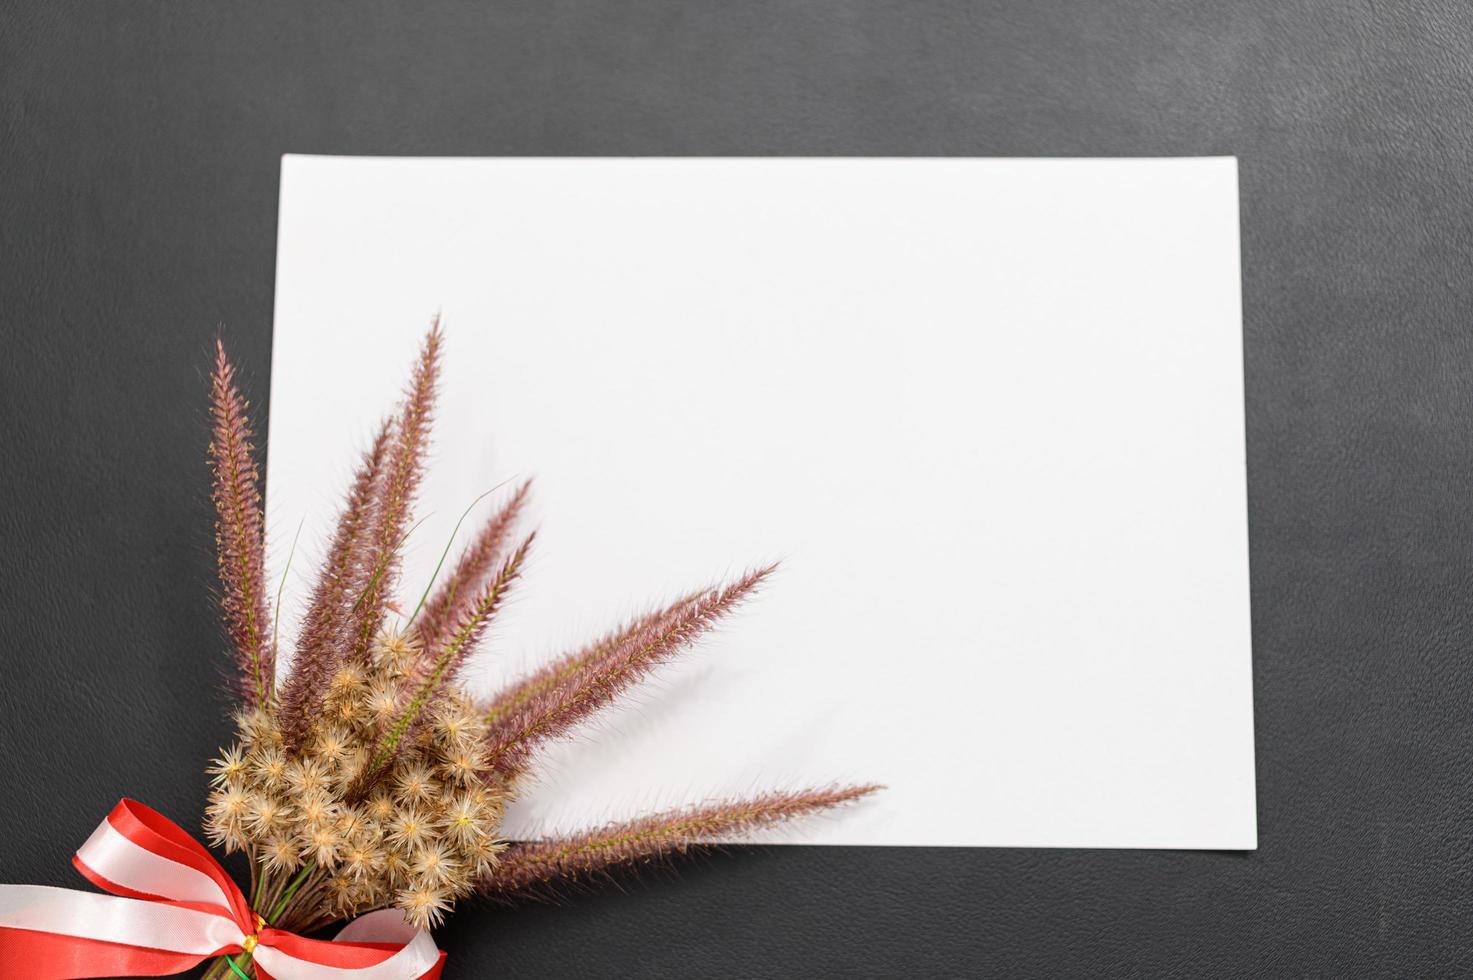 papier vierge et fleur sur le bureau photo